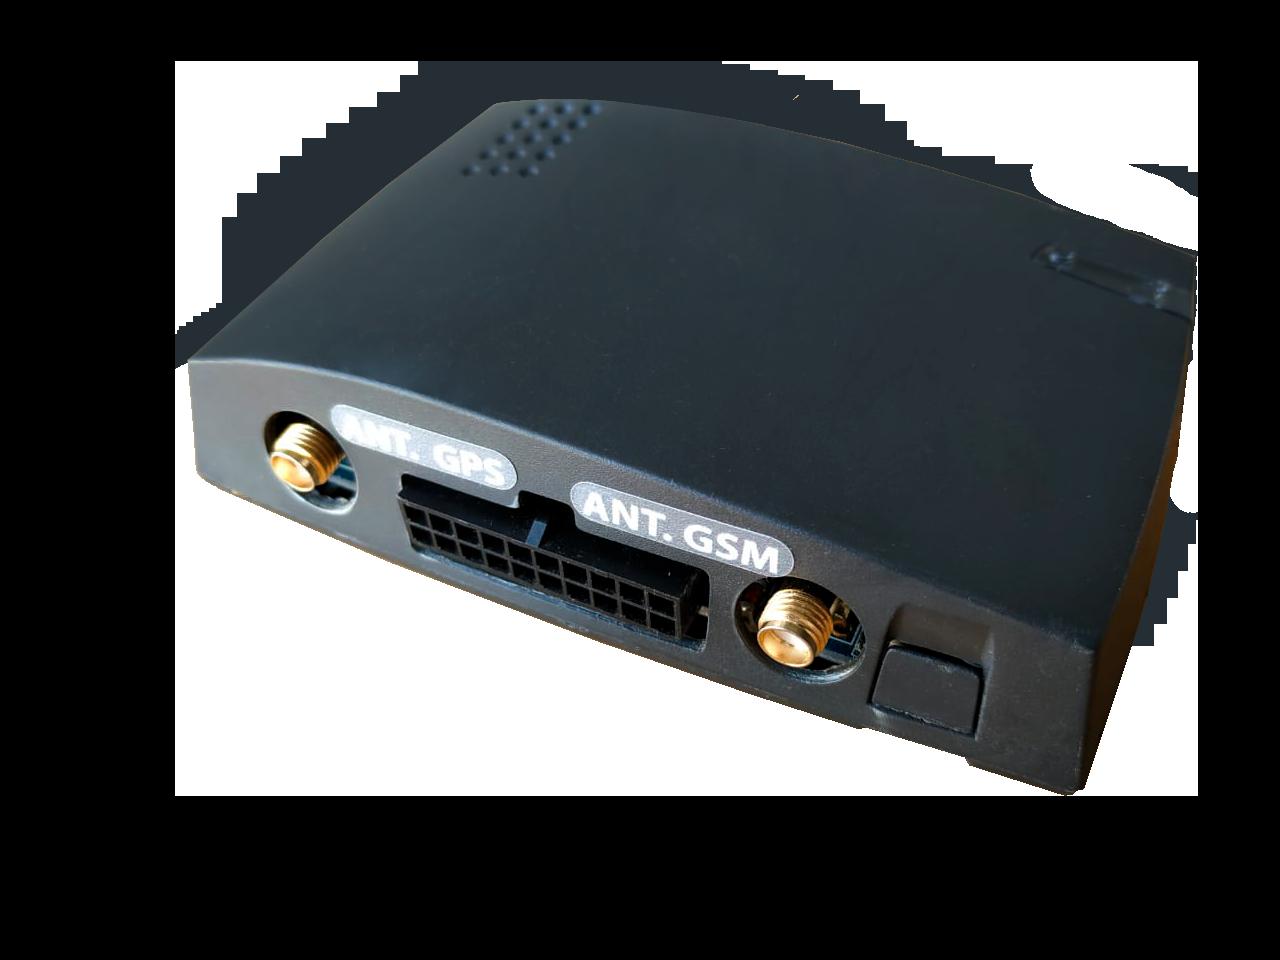 Neo9 3G